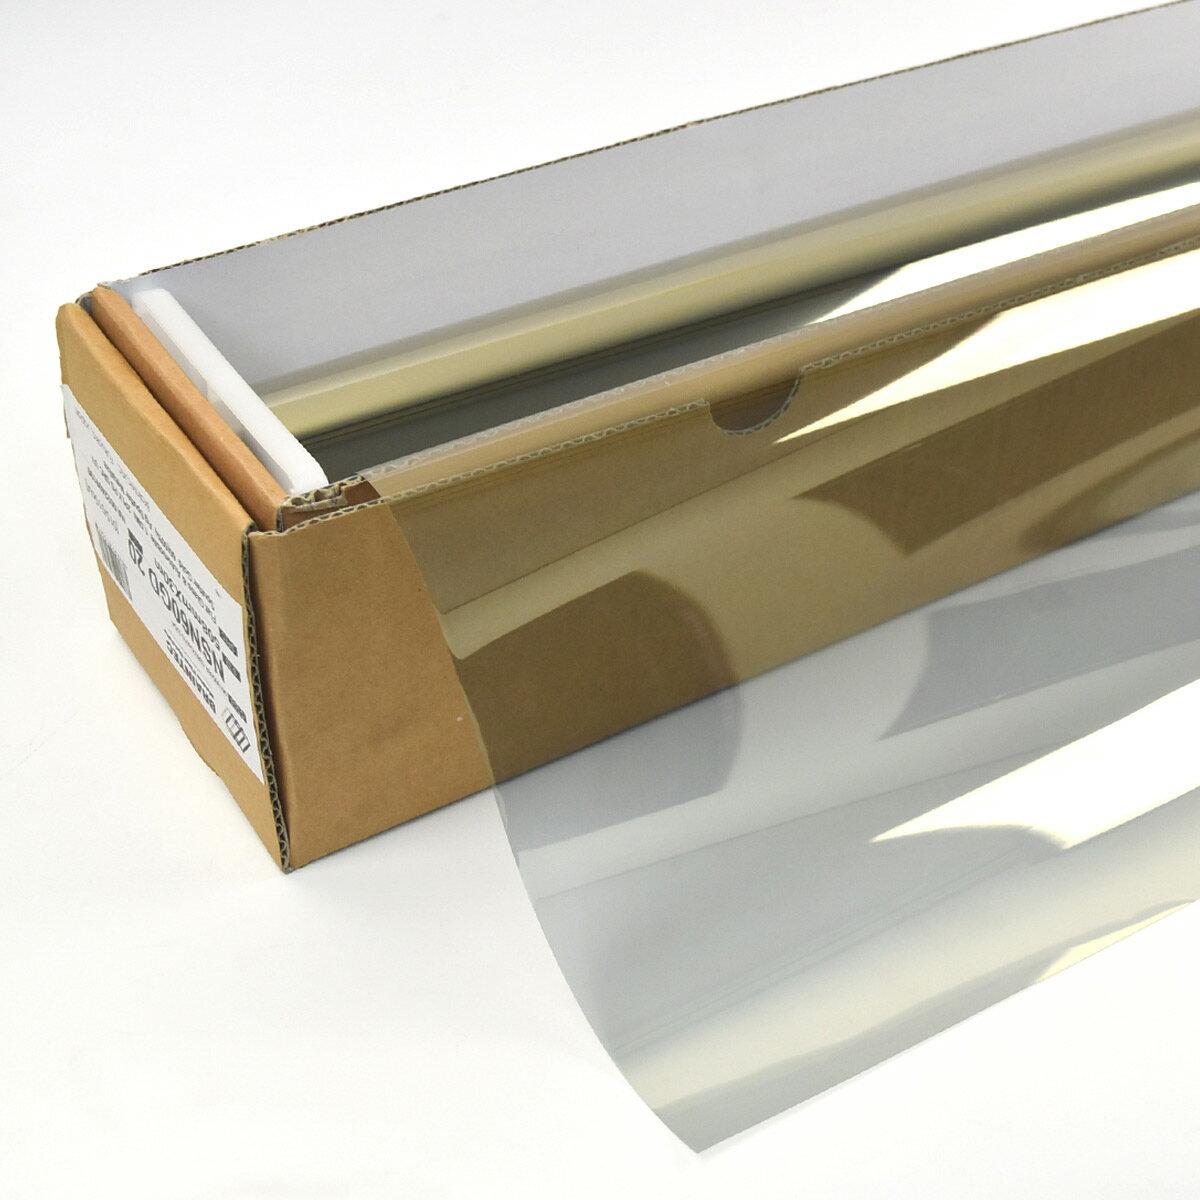 カーフィルム 窓ガラスフィルム スパッタゴールド60(60%) 50cm幅×長さ1m単位切売 遮熱フィルム 断熱フィルム UVカットフィルム ブレインテック Braintec